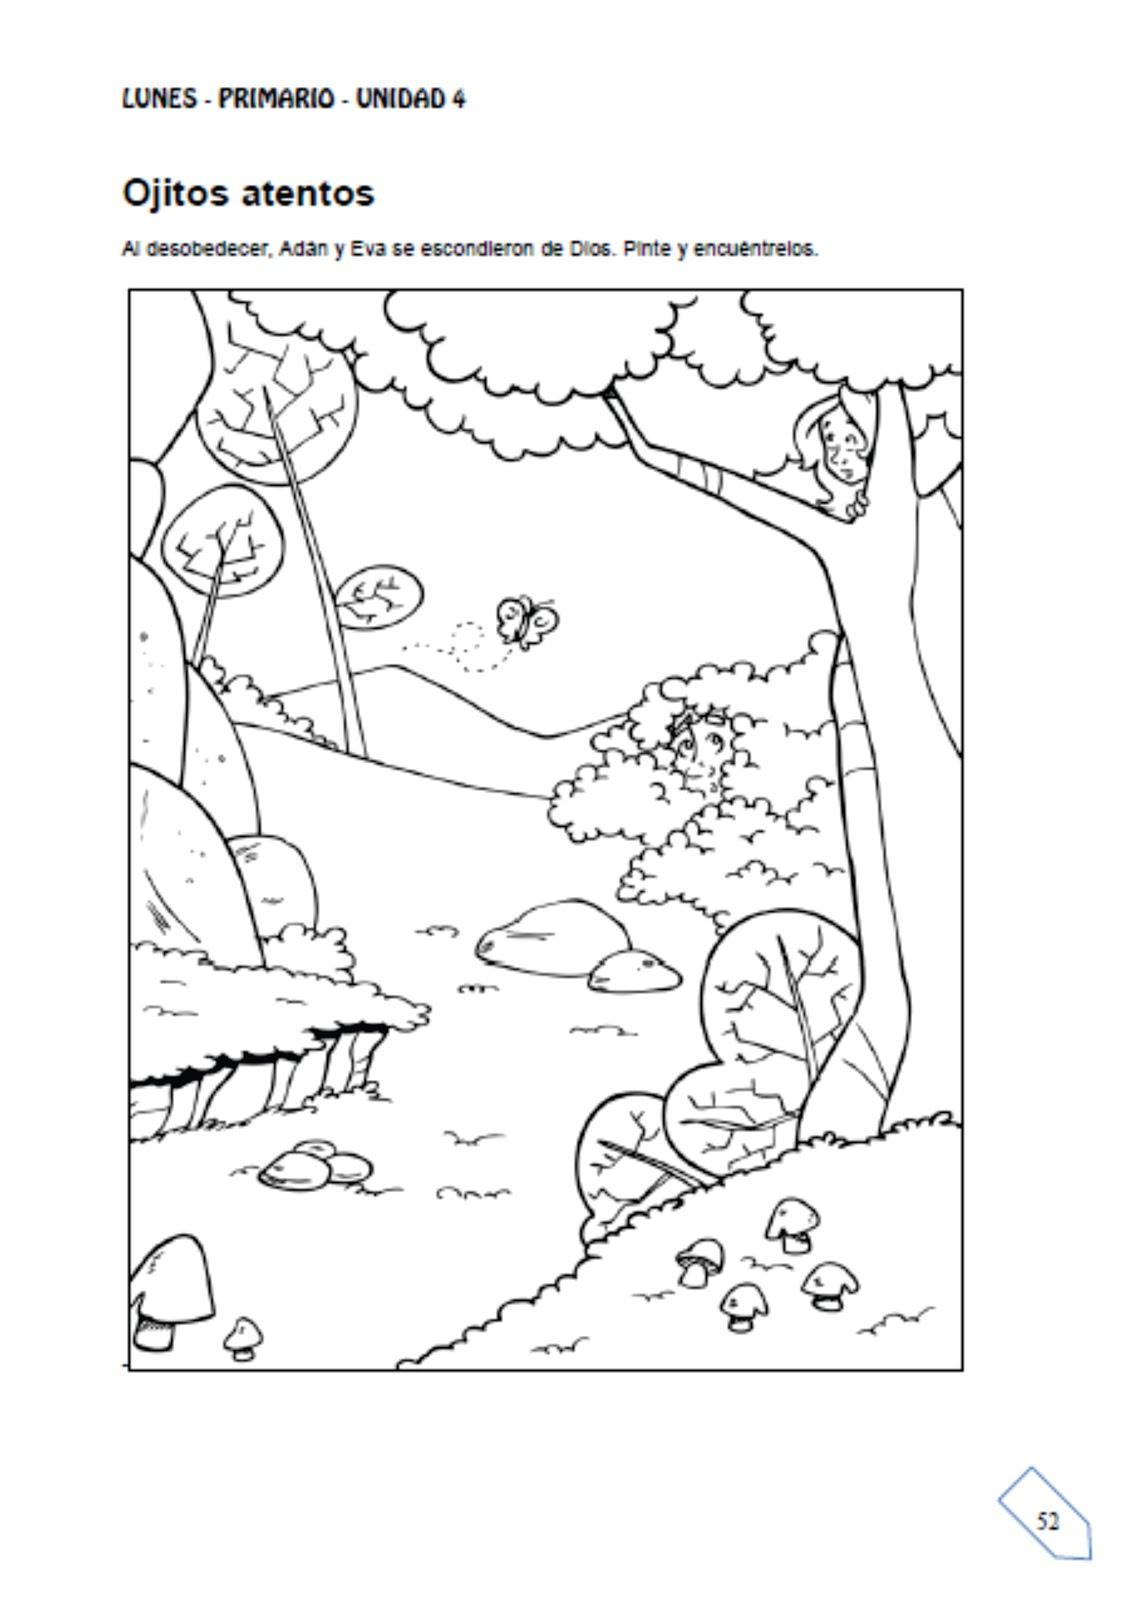 Ebi paraguay historia la desobediencia de ad n y eva for Adan y eva en el jardin del eden para colorear